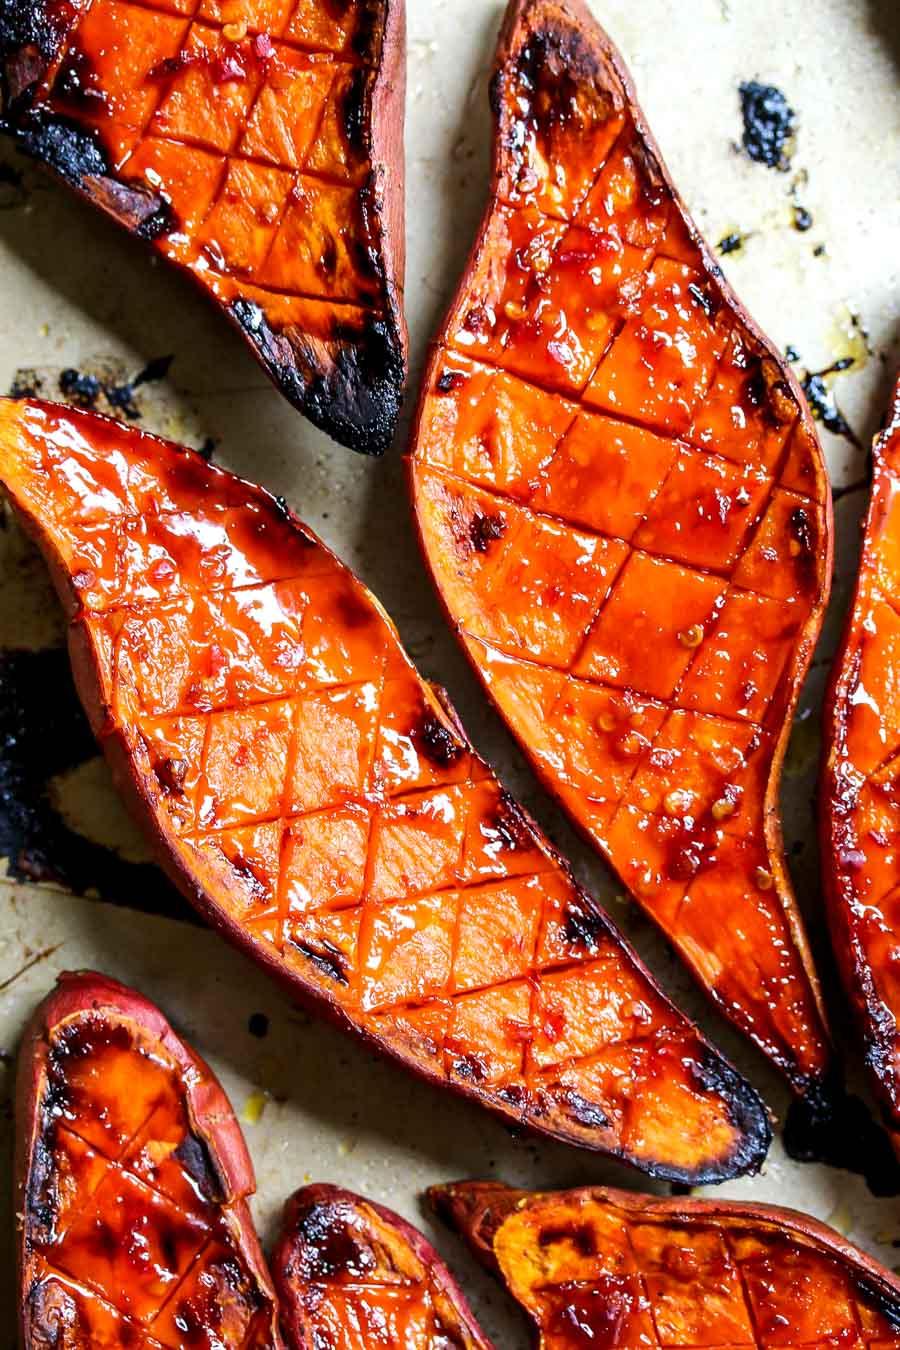 Chile-Glazed Roasted Sweet Potatoes